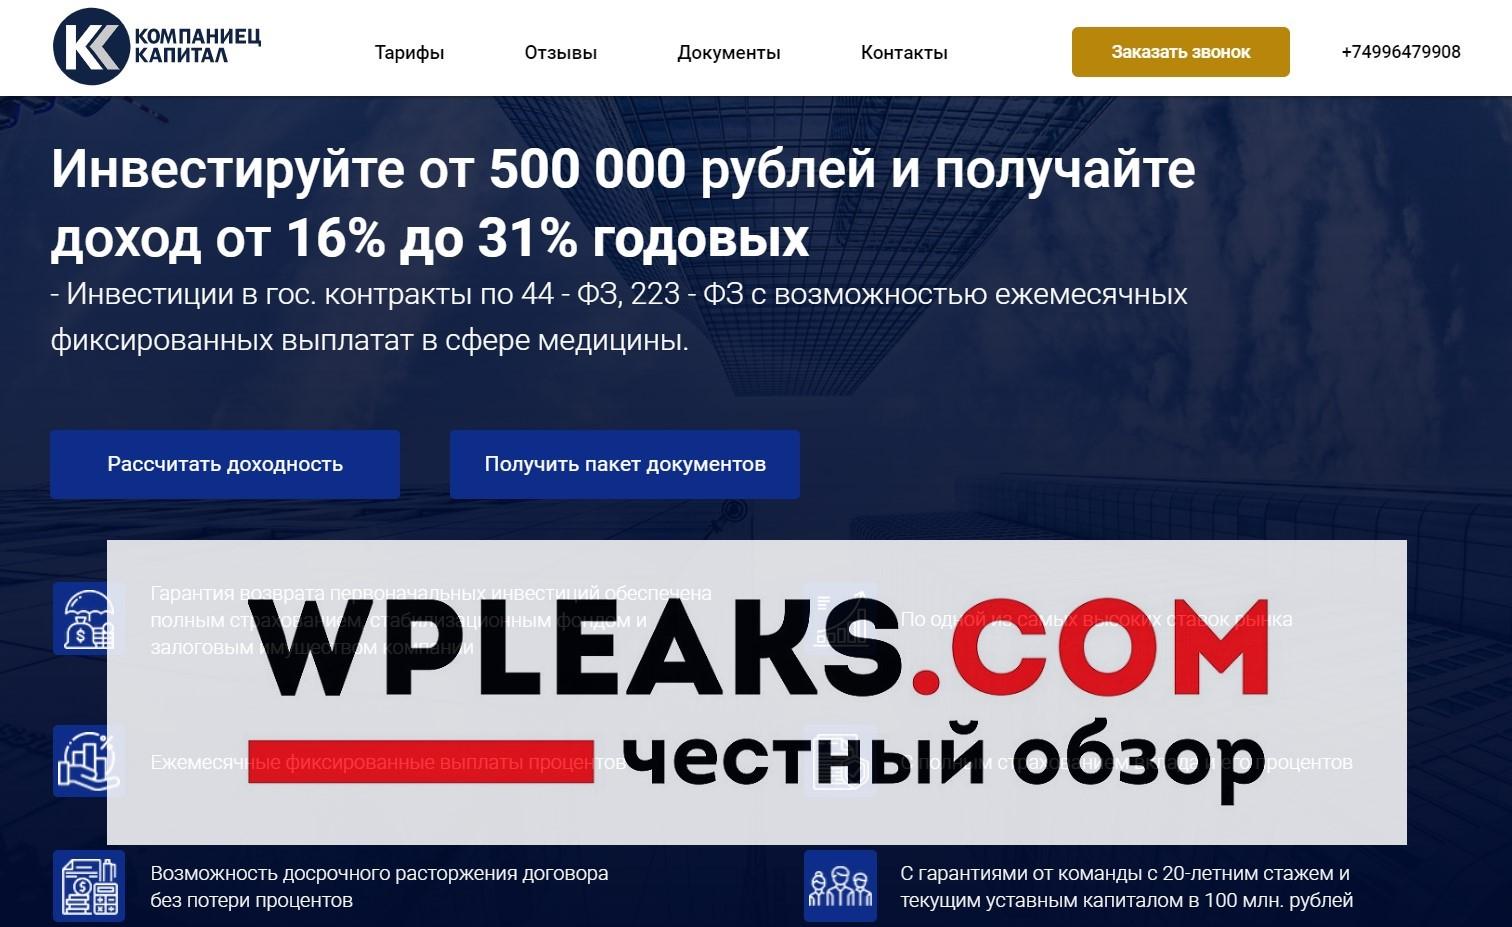 kompaniets-capital.ru отзывы